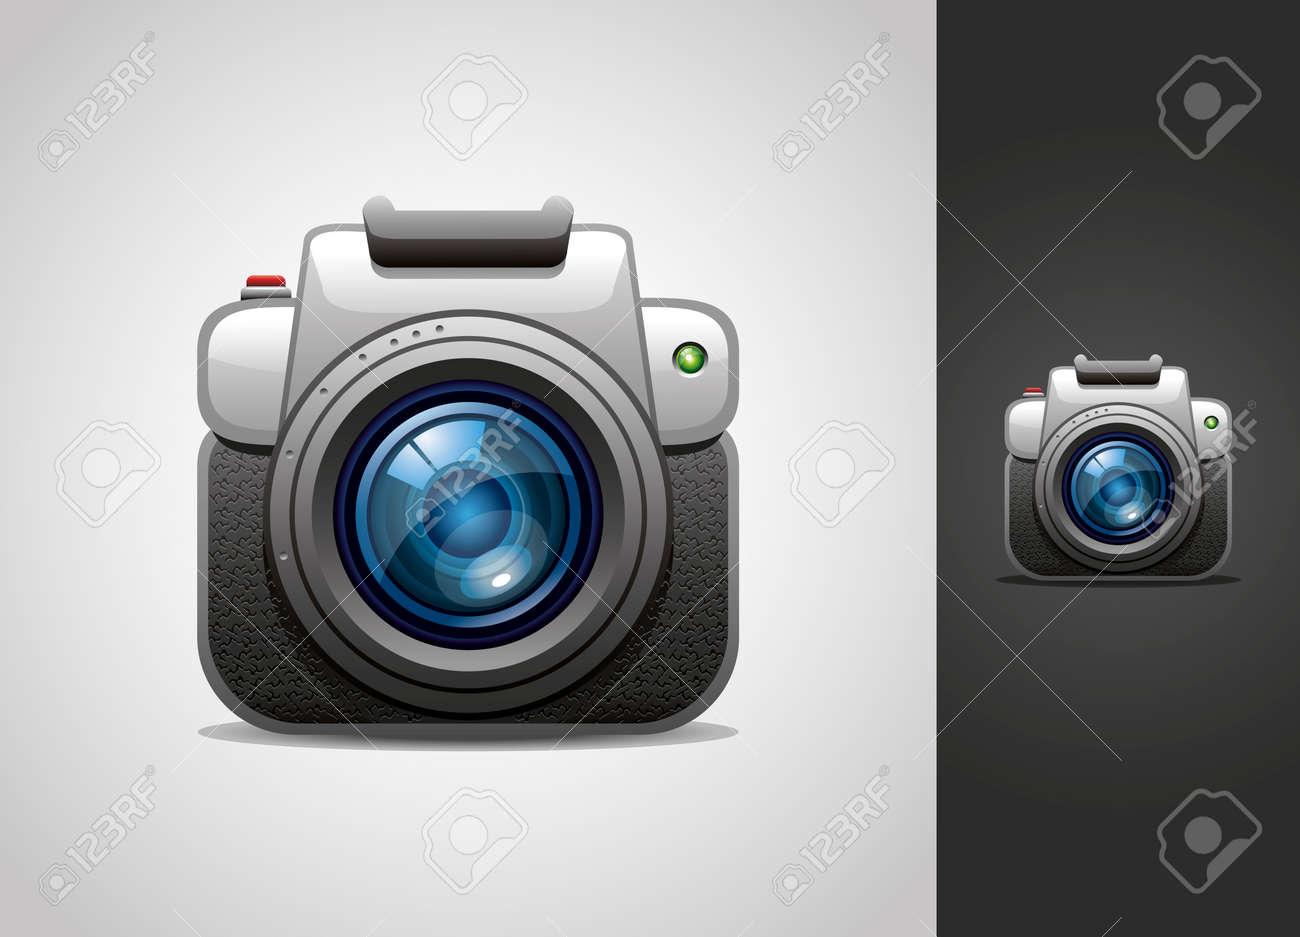 camera icon Stock Vector - 13568158